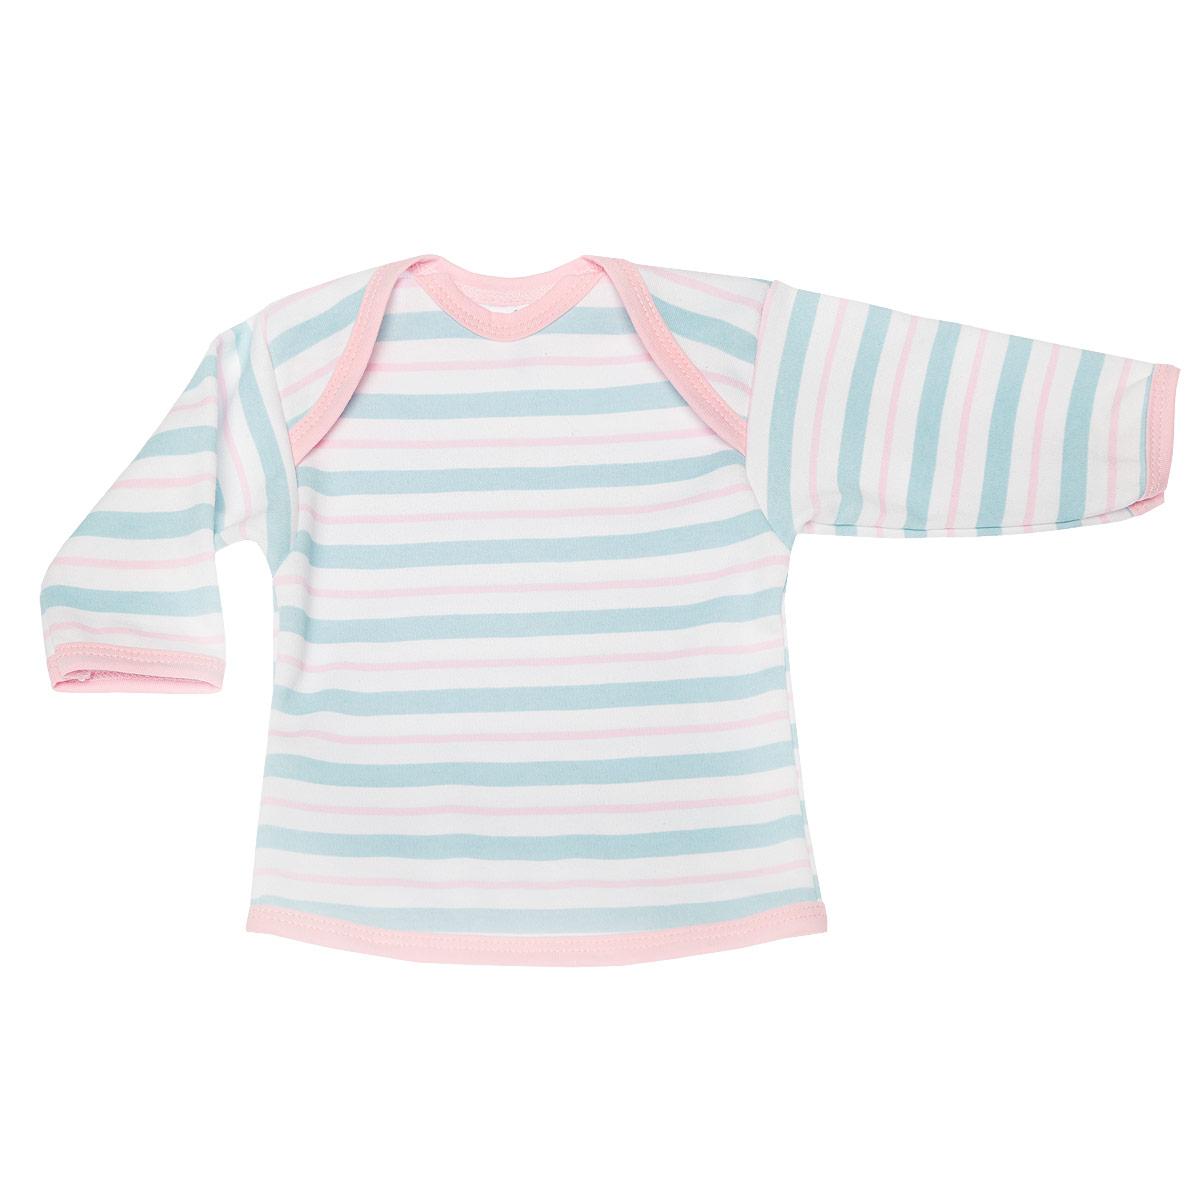 Футболка с длинным рукавом детская Трон-плюс, цвет: бирюзовый, розовый, белый. 5611_полоска. Размер 68, 6 месяцев5611_полоскаУдобная детская футболка Трон-плюс с длинными рукавами послужит идеальным дополнением к гардеробу вашего ребенка, обеспечивая ему наибольший комфорт. Изготовленная из интерлока - натурального хлопка, она необычайно мягкая и легкая, не раздражает нежную кожу ребенка и хорошо вентилируется, а эластичные швы приятны телу ребенка и не препятствуют его движениям. Удобные запахи на плечах помогают легко переодеть младенца. Горловина, низ модели и низ рукавов дополнены трикотажной бейкой. Спинка модели незначительно укорочена. Оформлено изделие принтом в полоску. Футболка полностью соответствует особенностям жизни ребенка в ранний период, не стесняя и не ограничивая его в движениях.